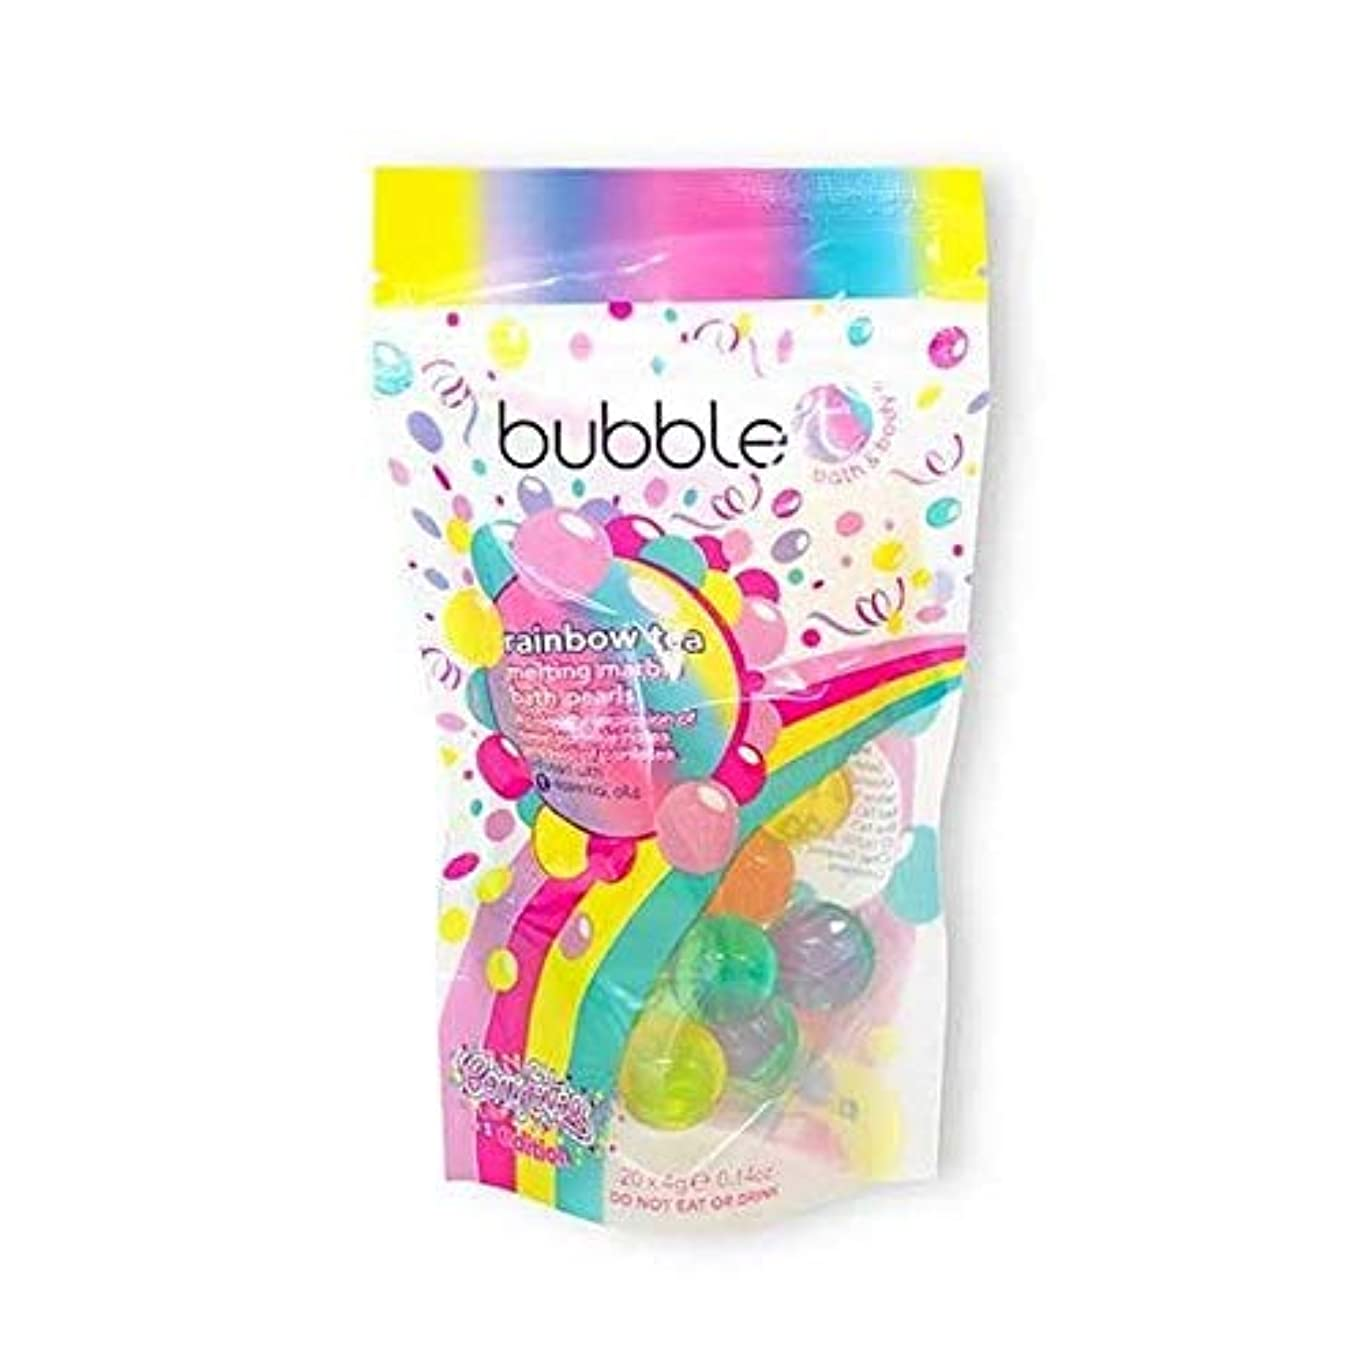 一杯無し好み[Bubble T ] バブルトン化粧品溶融槽真珠虹茶20×4グラム - Bubble T Cosmetics Melting Bath Pearls Rainbow Tea 20 x 4g [並行輸入品]